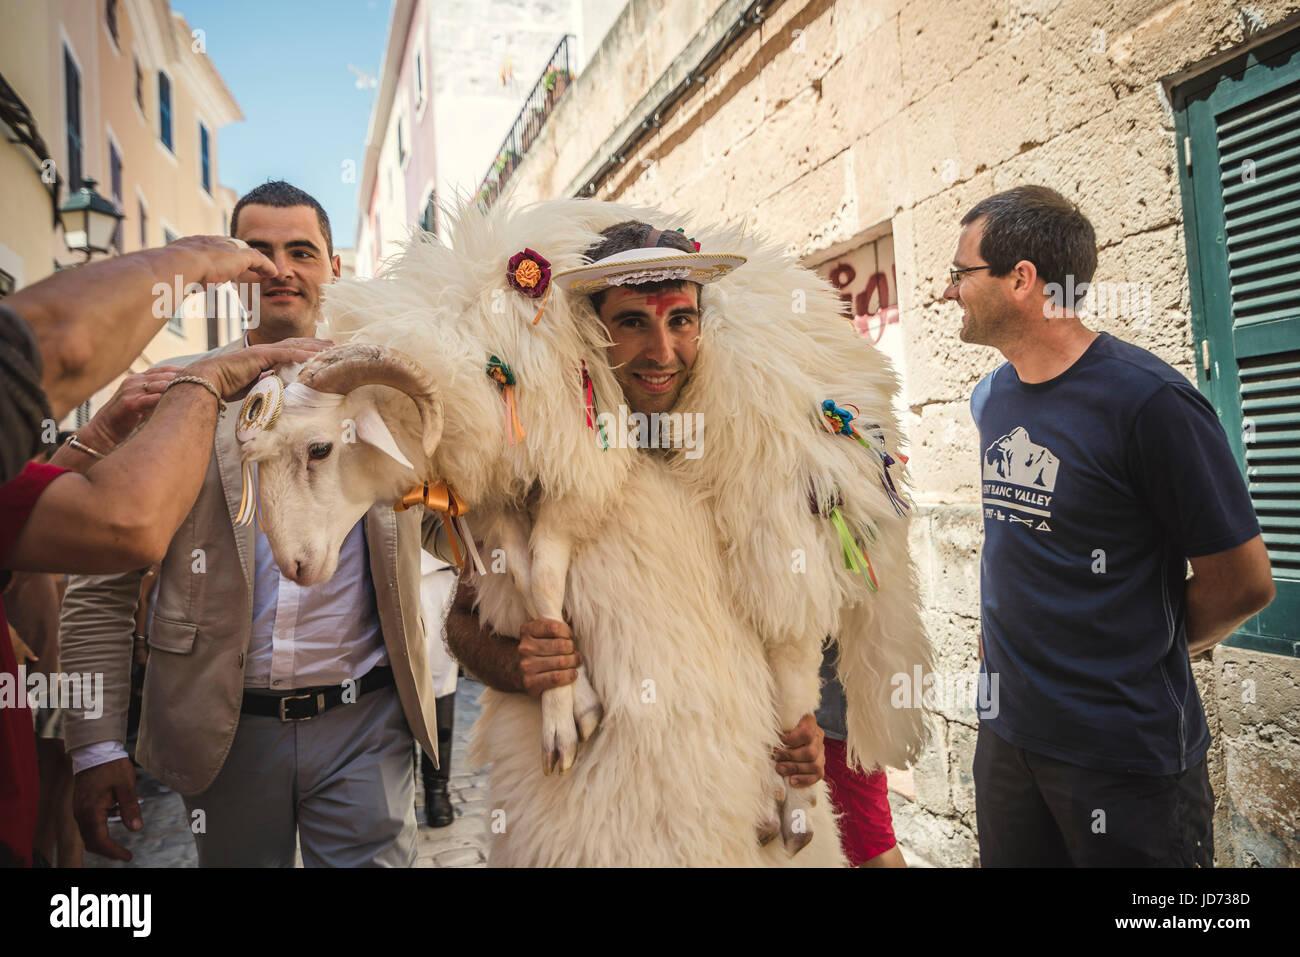 Ciutadella, Minorque. June 18th, 2017: Les gens sont à la chance que l'essayer de toucher les moutons Photo Stock